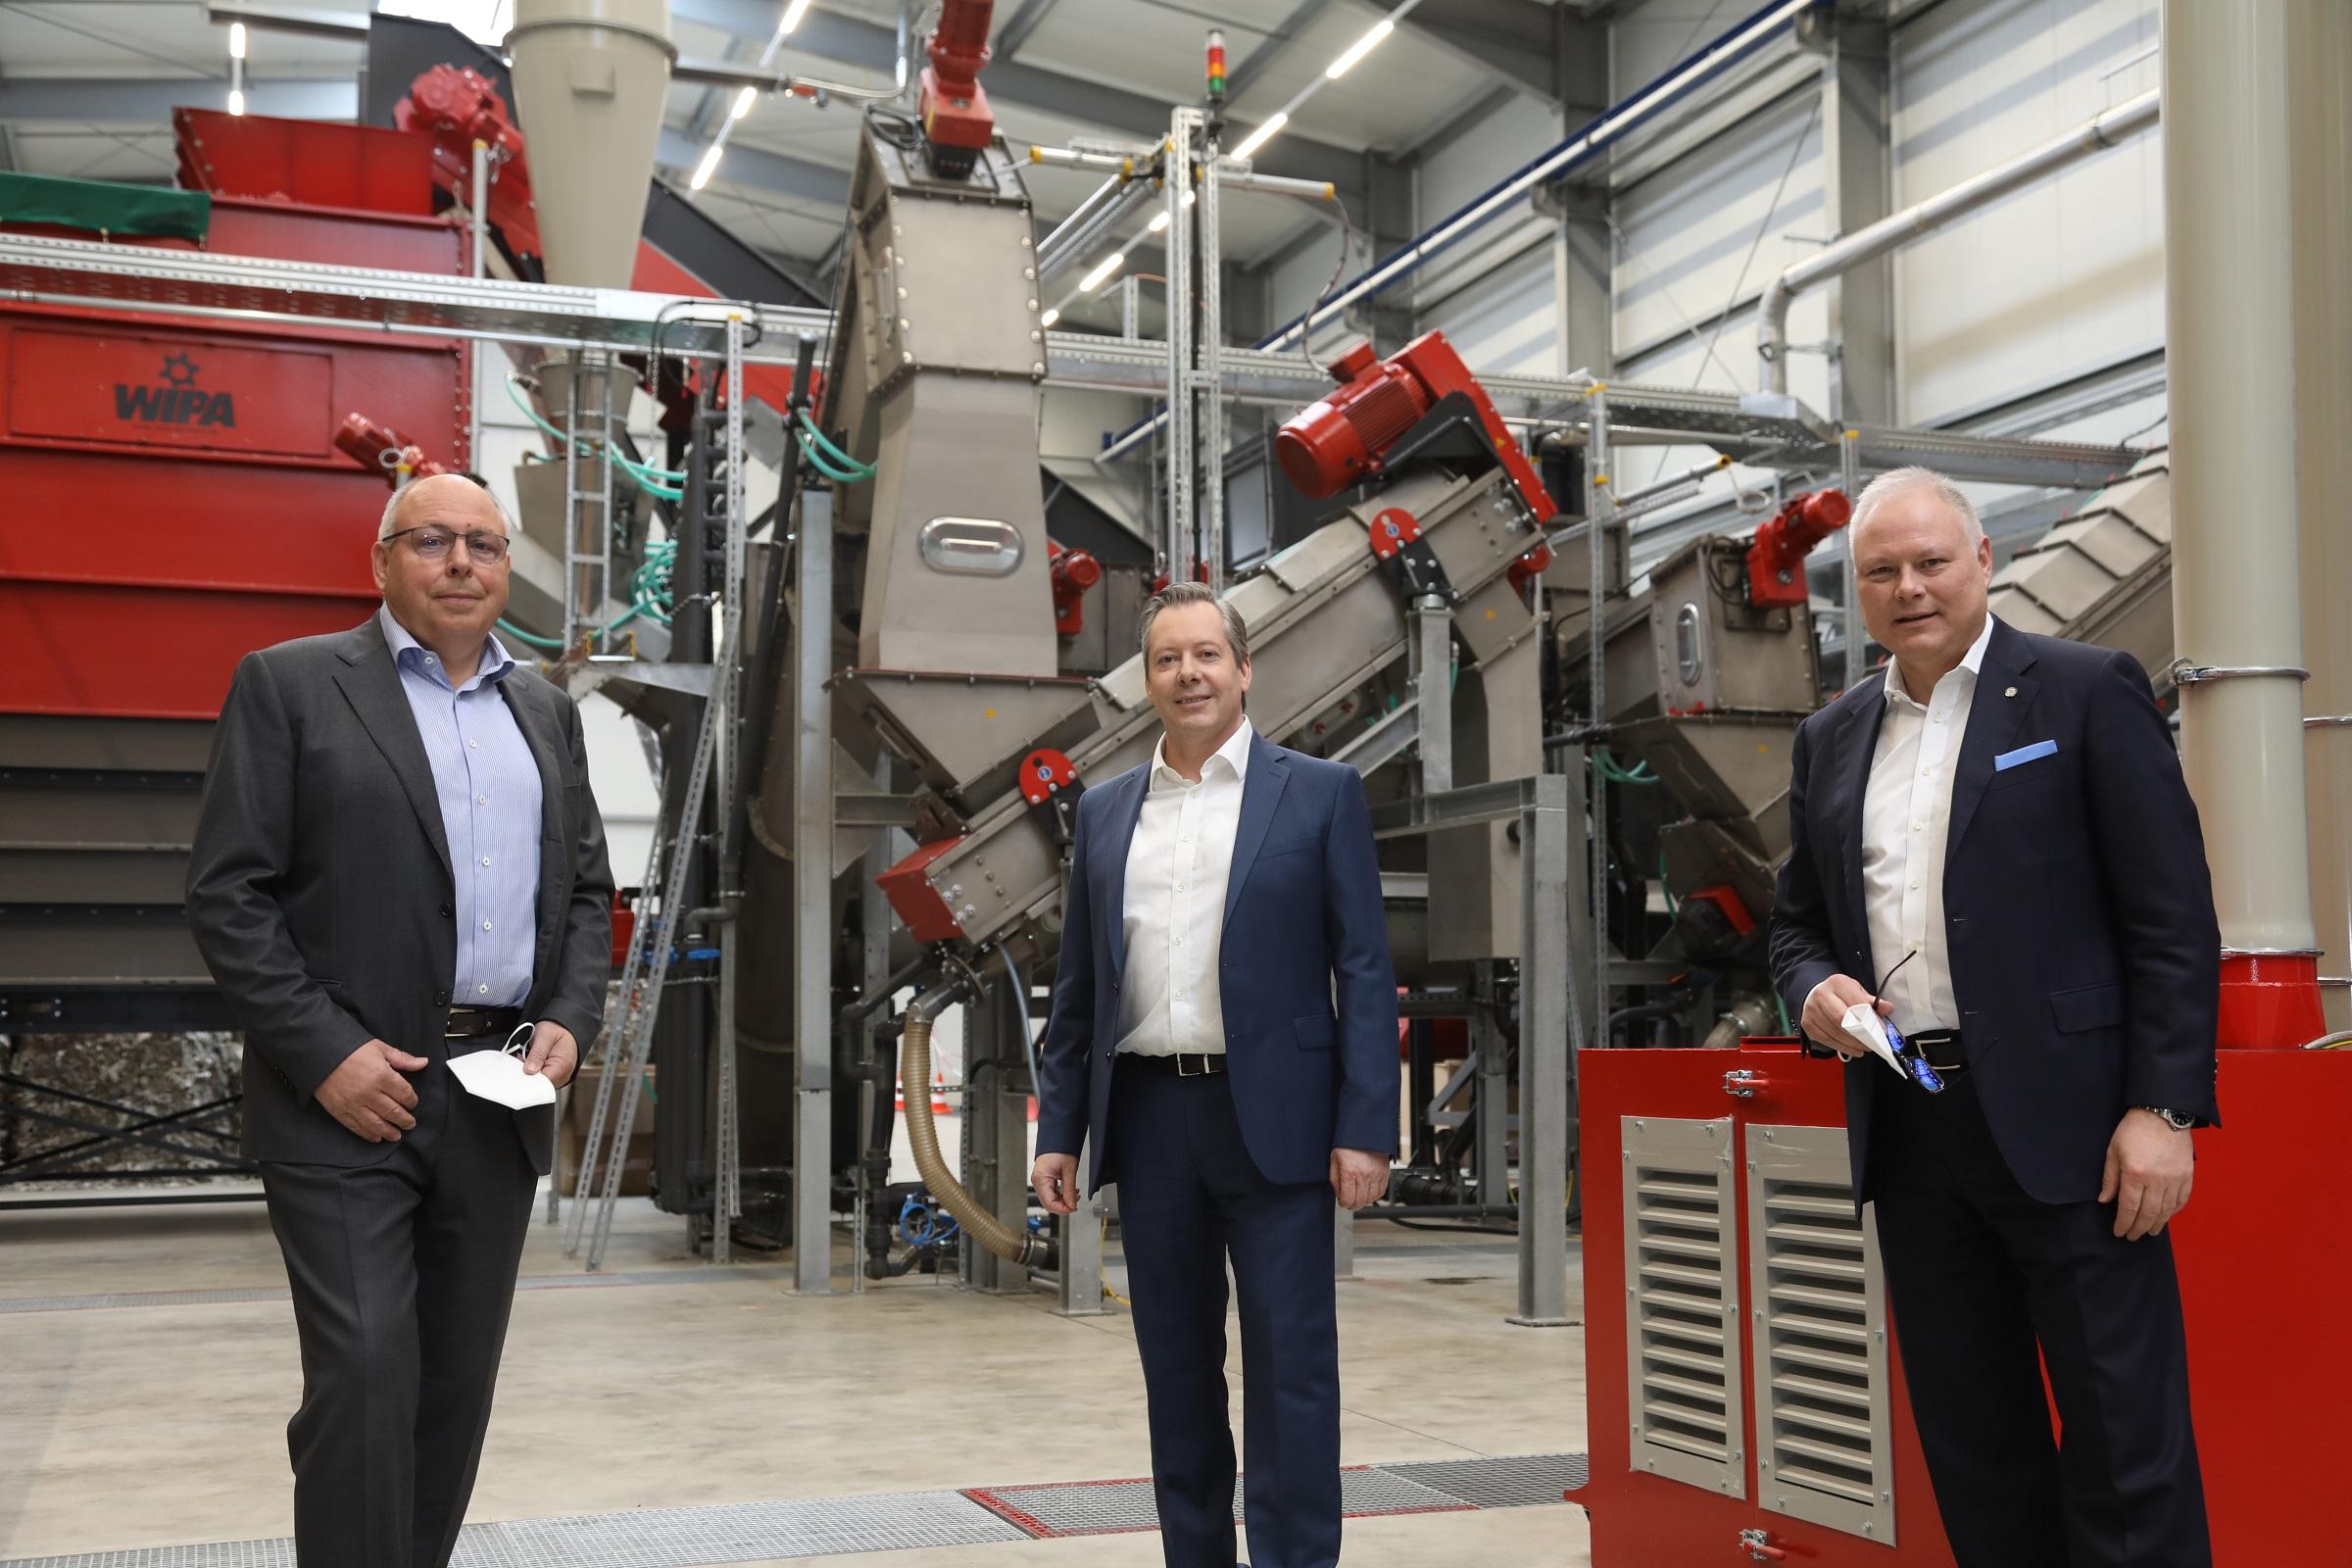 V.l.: Stephen Naumann (Elopak), Robert Kummer (SIG Combibloc) und Stephan Karl (Tetra Pak)